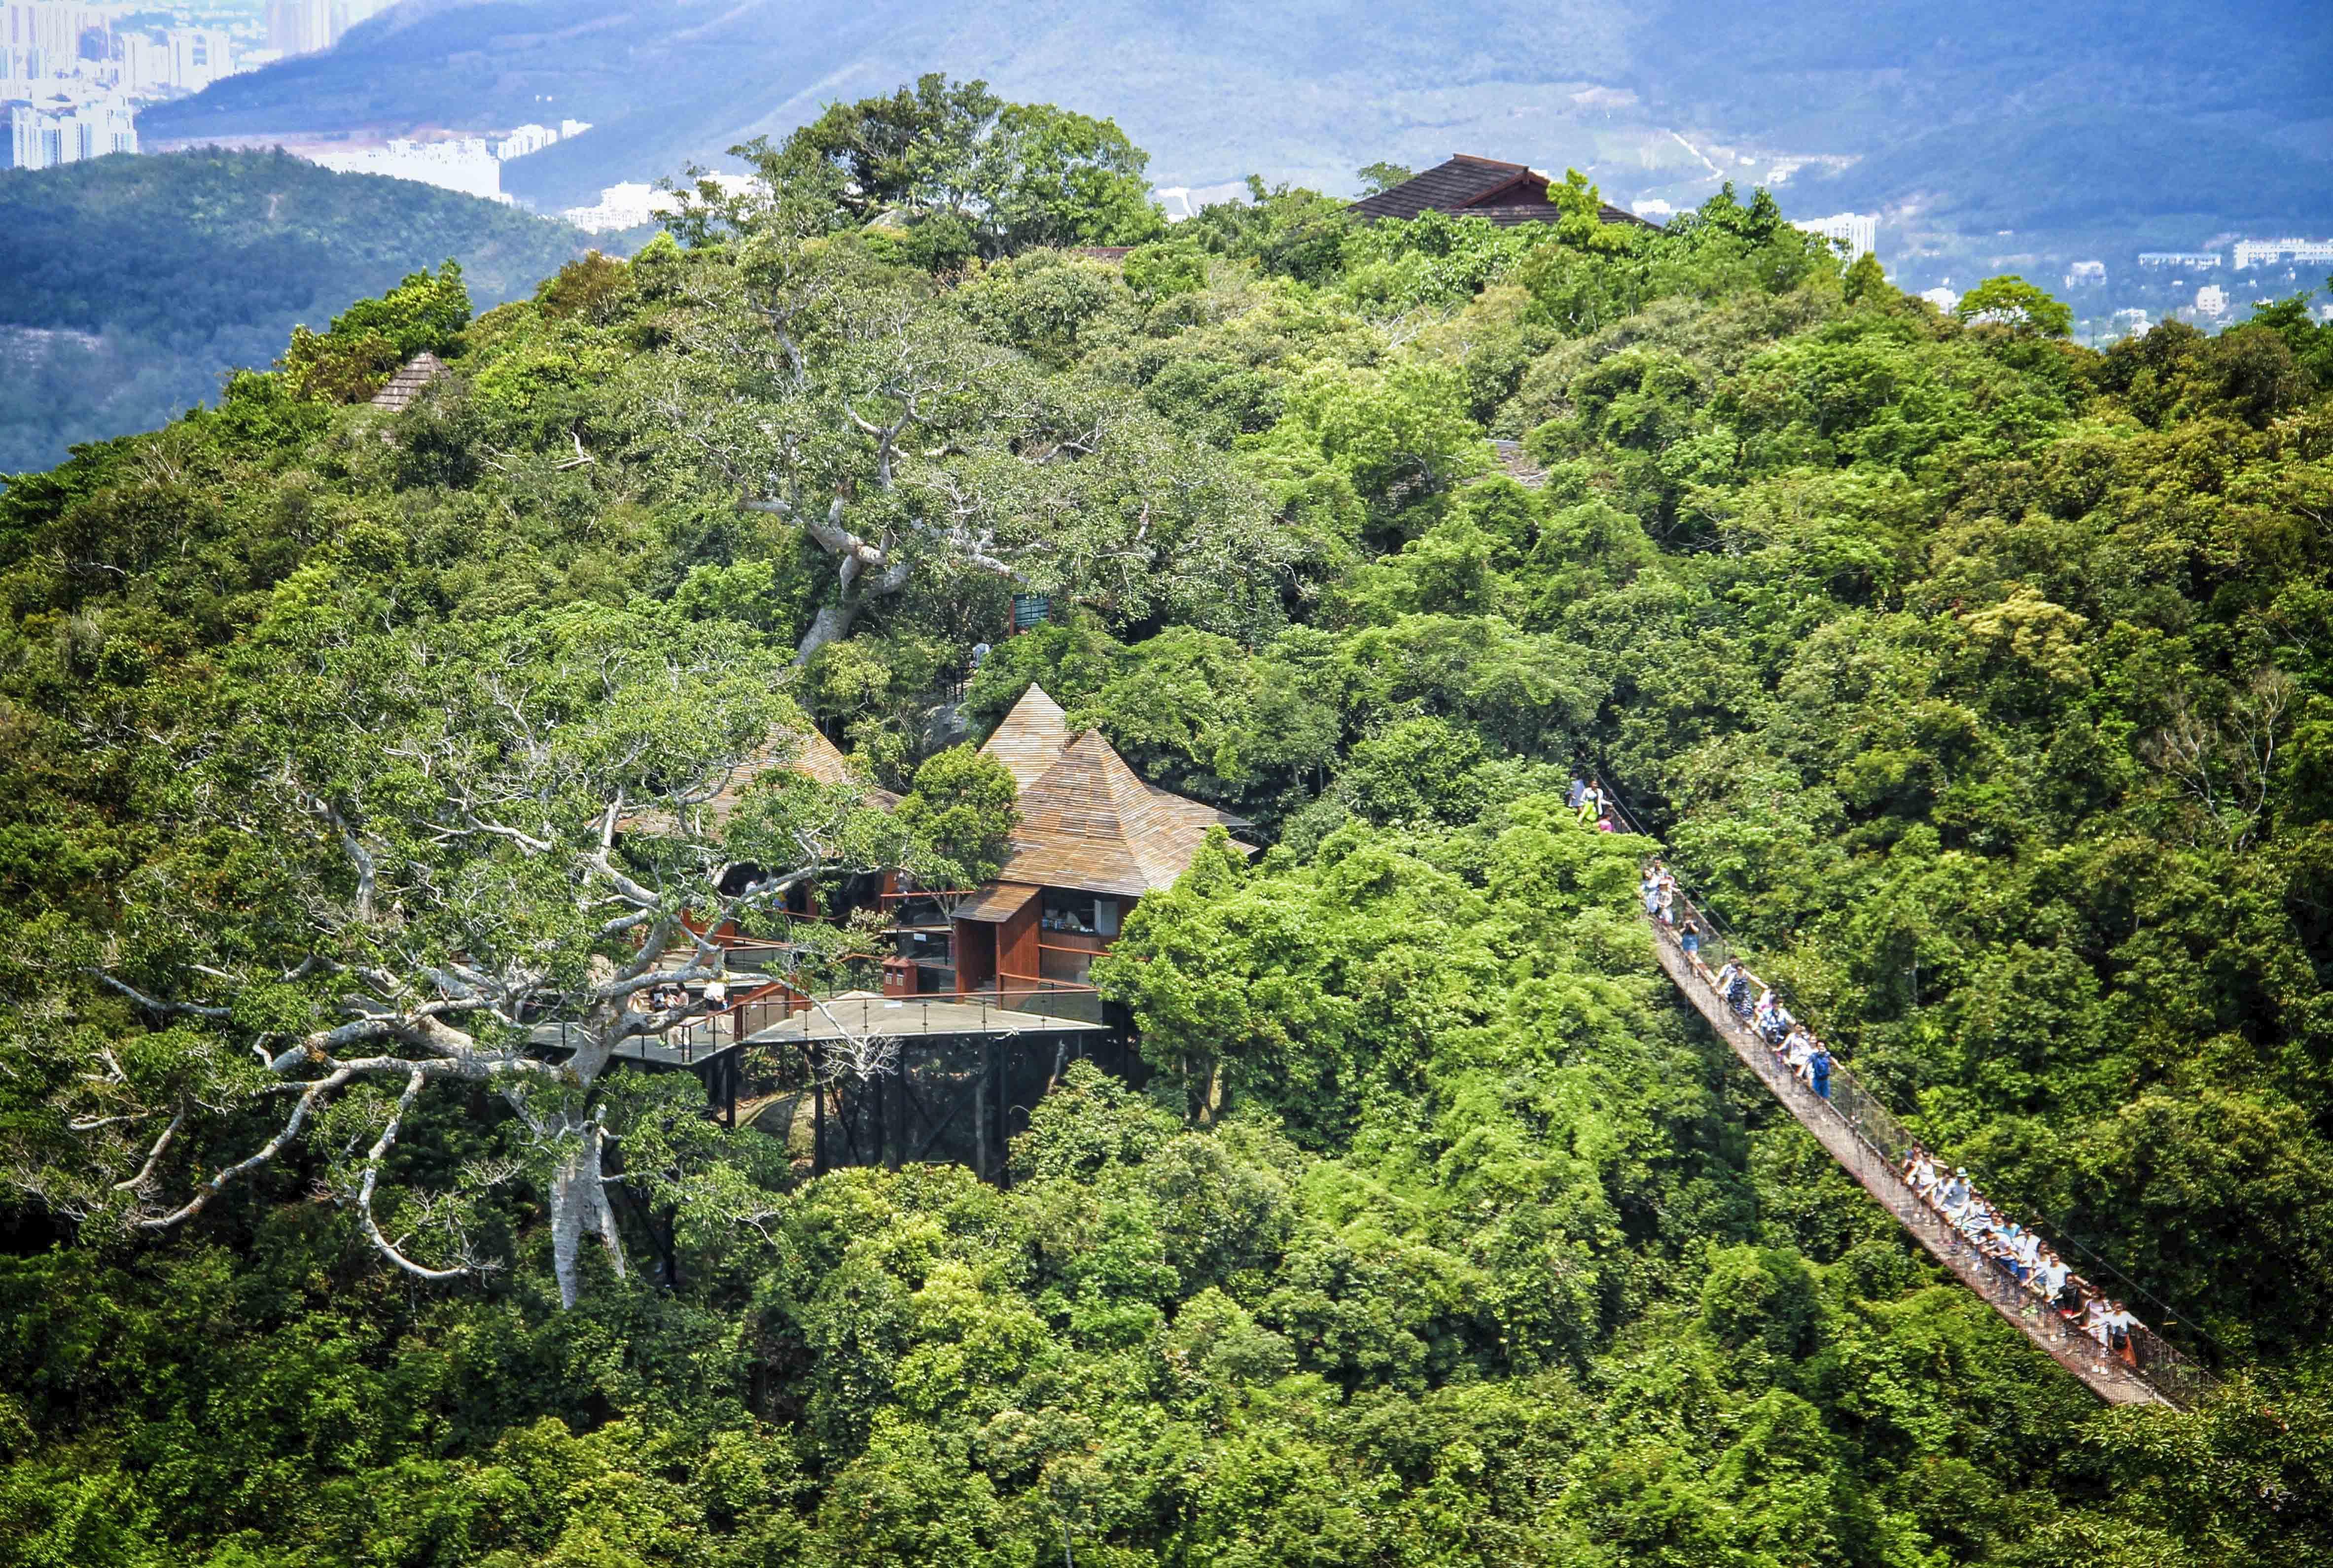 三亚的热门景点很多,最著名的有《非诚勿扰2》取景地亚龙湾热带森林公图片